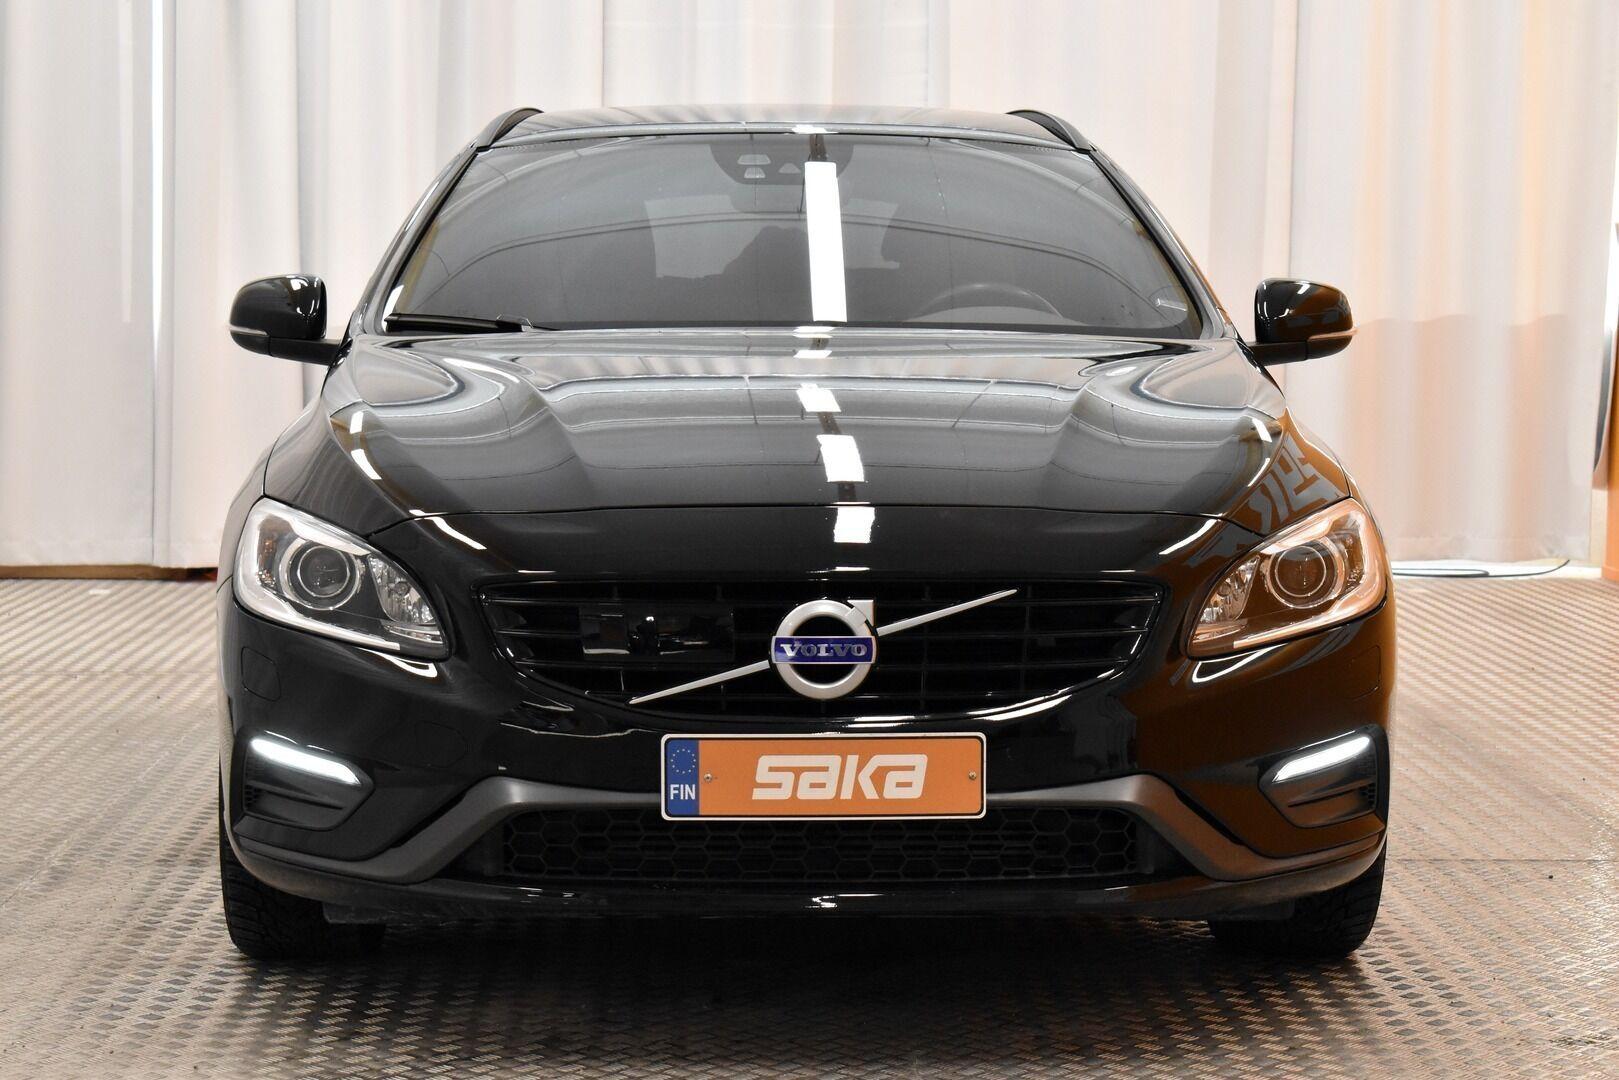 Musta Farmari, Volvo V60 – JÄR-93292, kuva 2